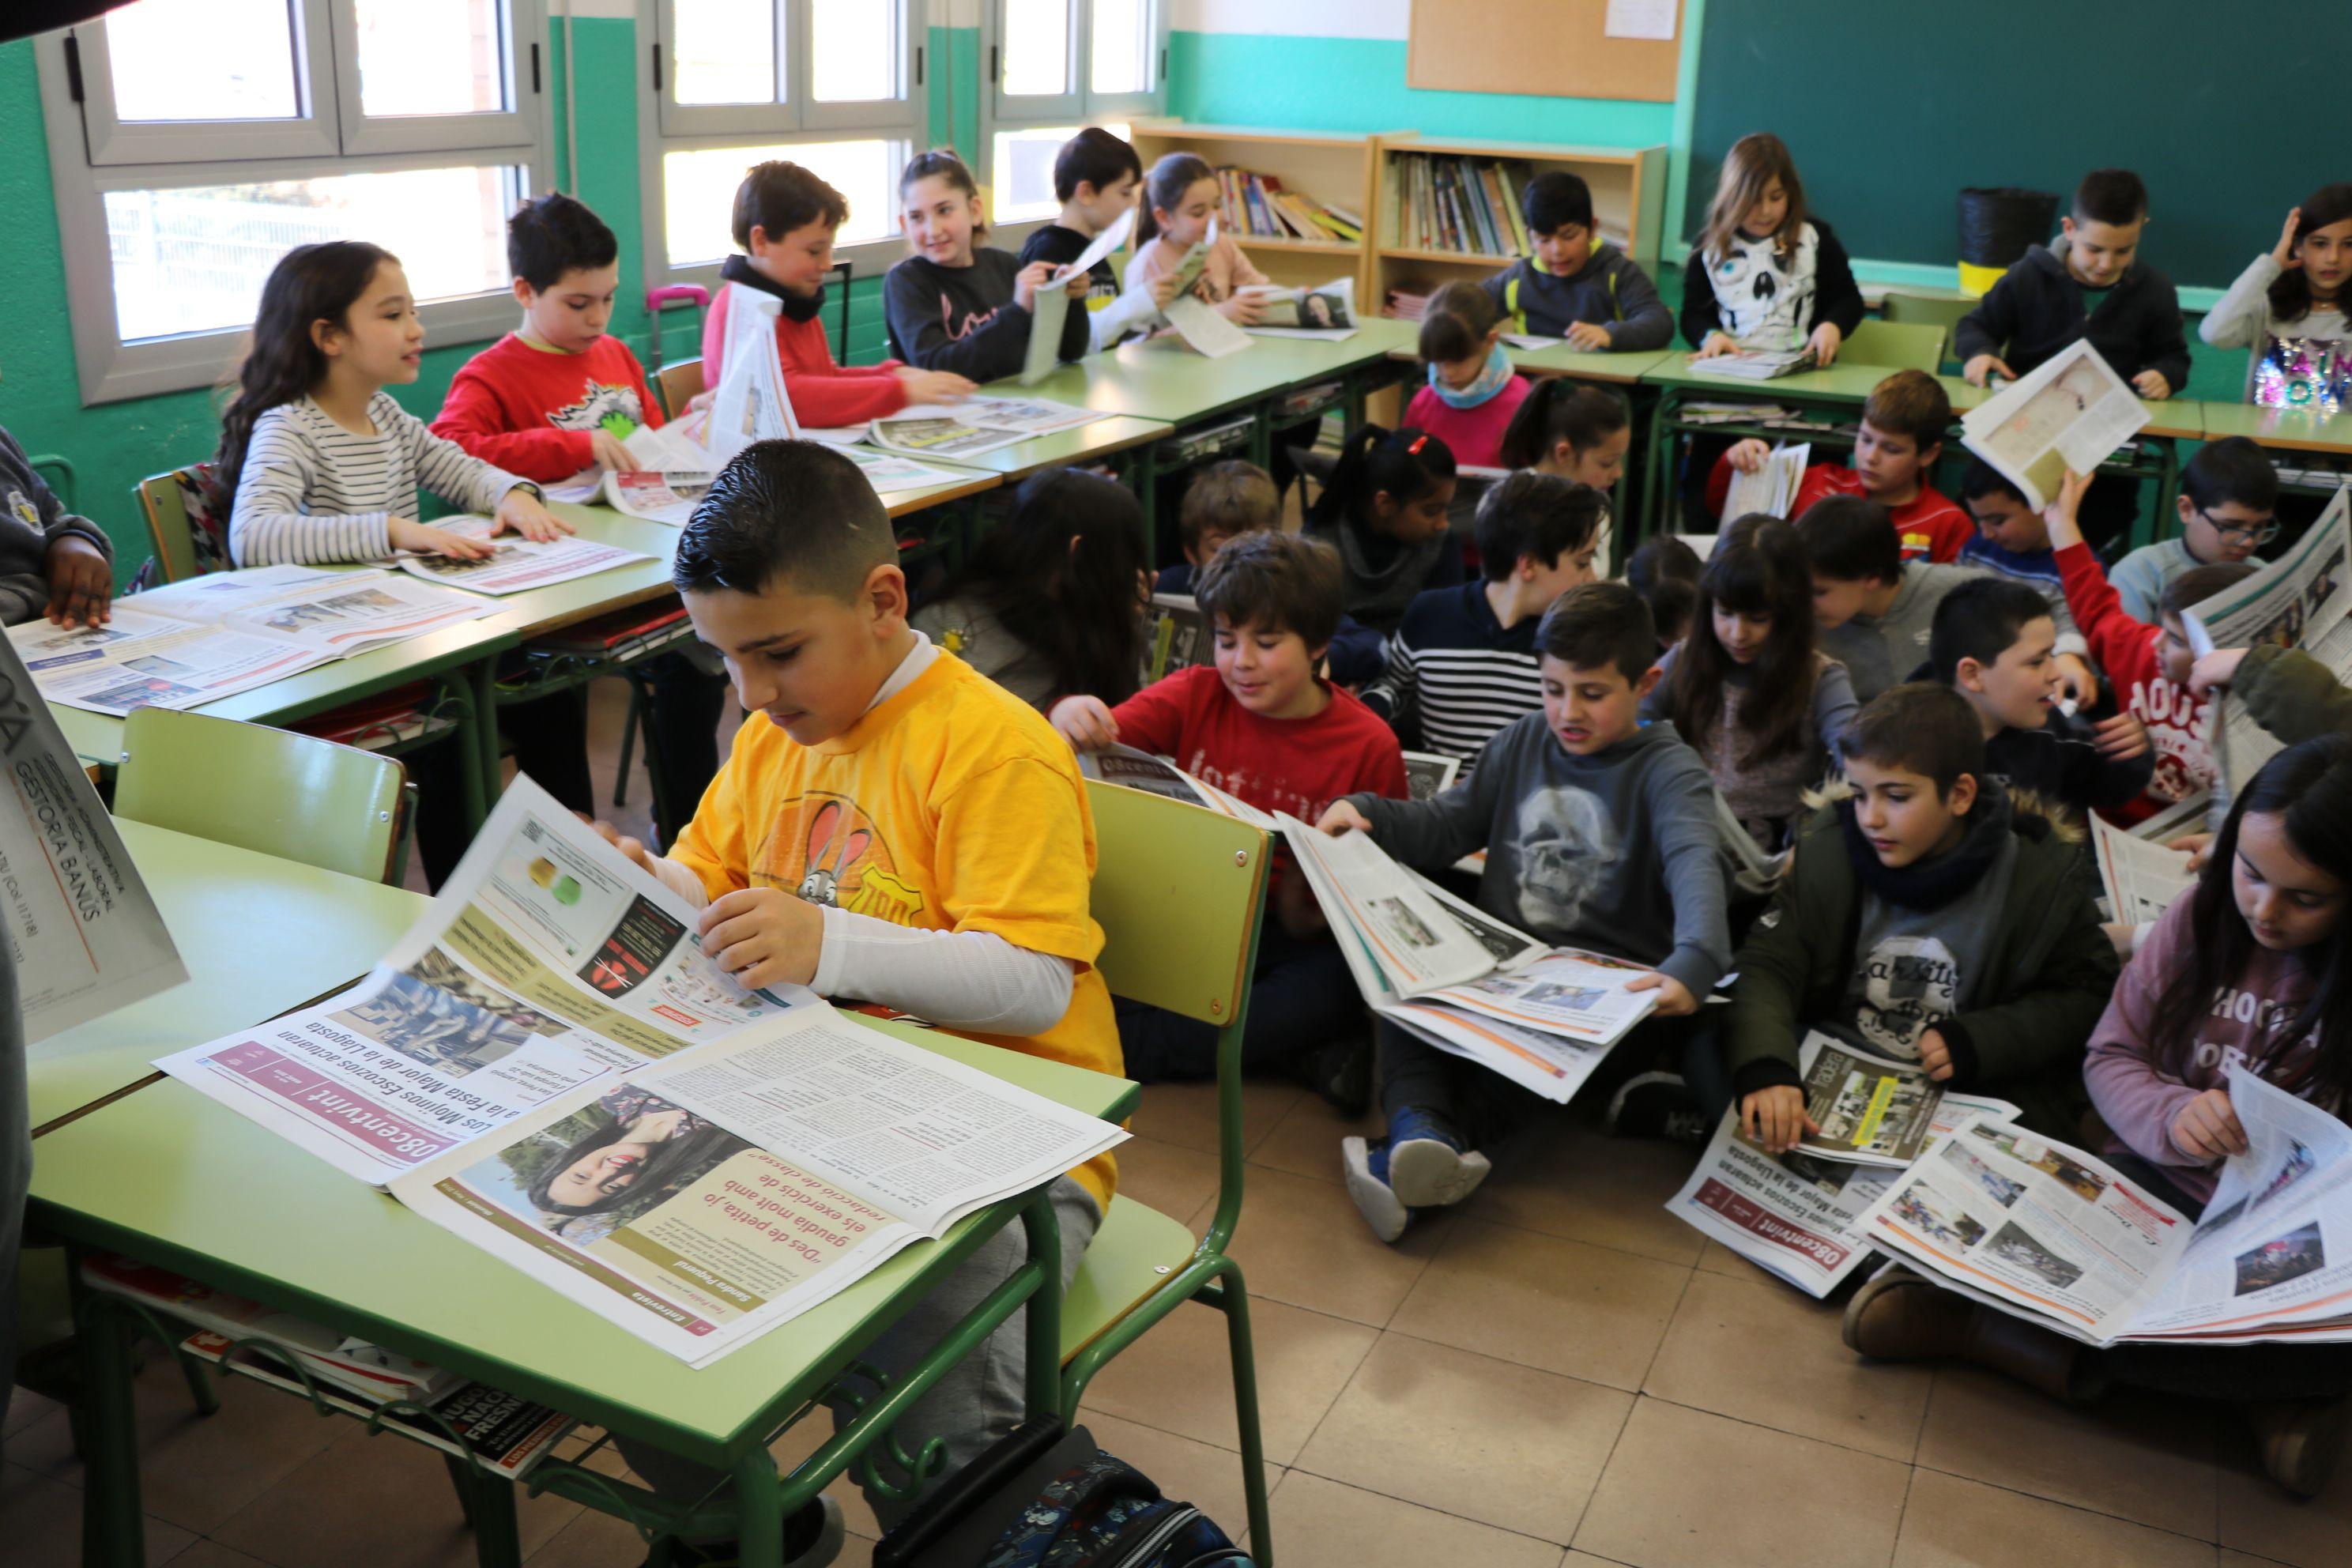 L'alumnat de quart de l'Escola Safa rep exemplars del 08centvint de març